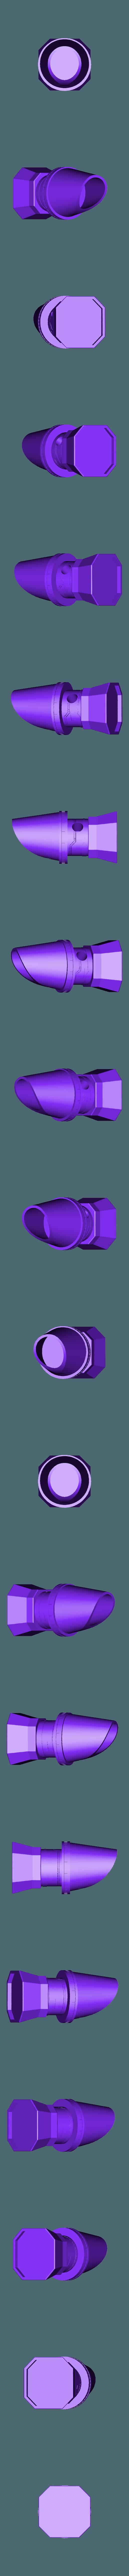 Scope.stl Download free STL file Borderlands Bandit Room Clener Shotgun • 3D printer object, Dsk